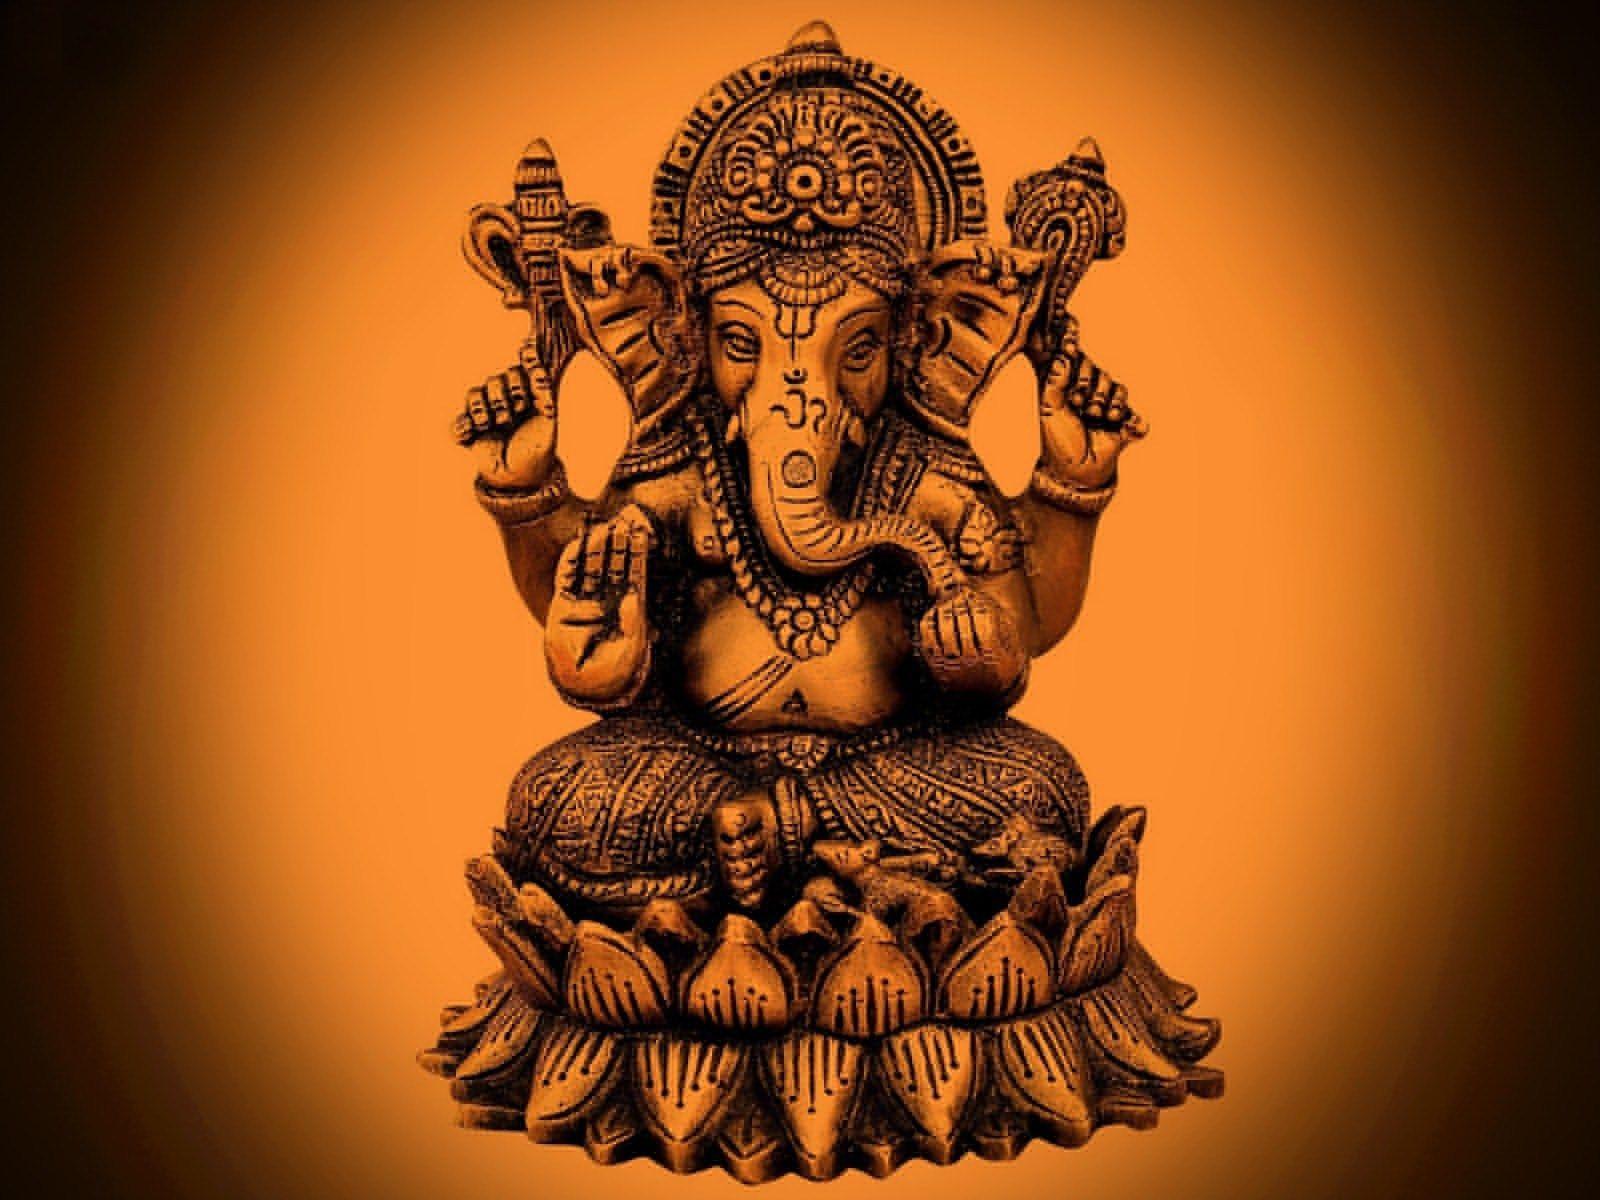 Best Wallpapers Of Lord Ganesh Vinnyoleo Vegetalinfo